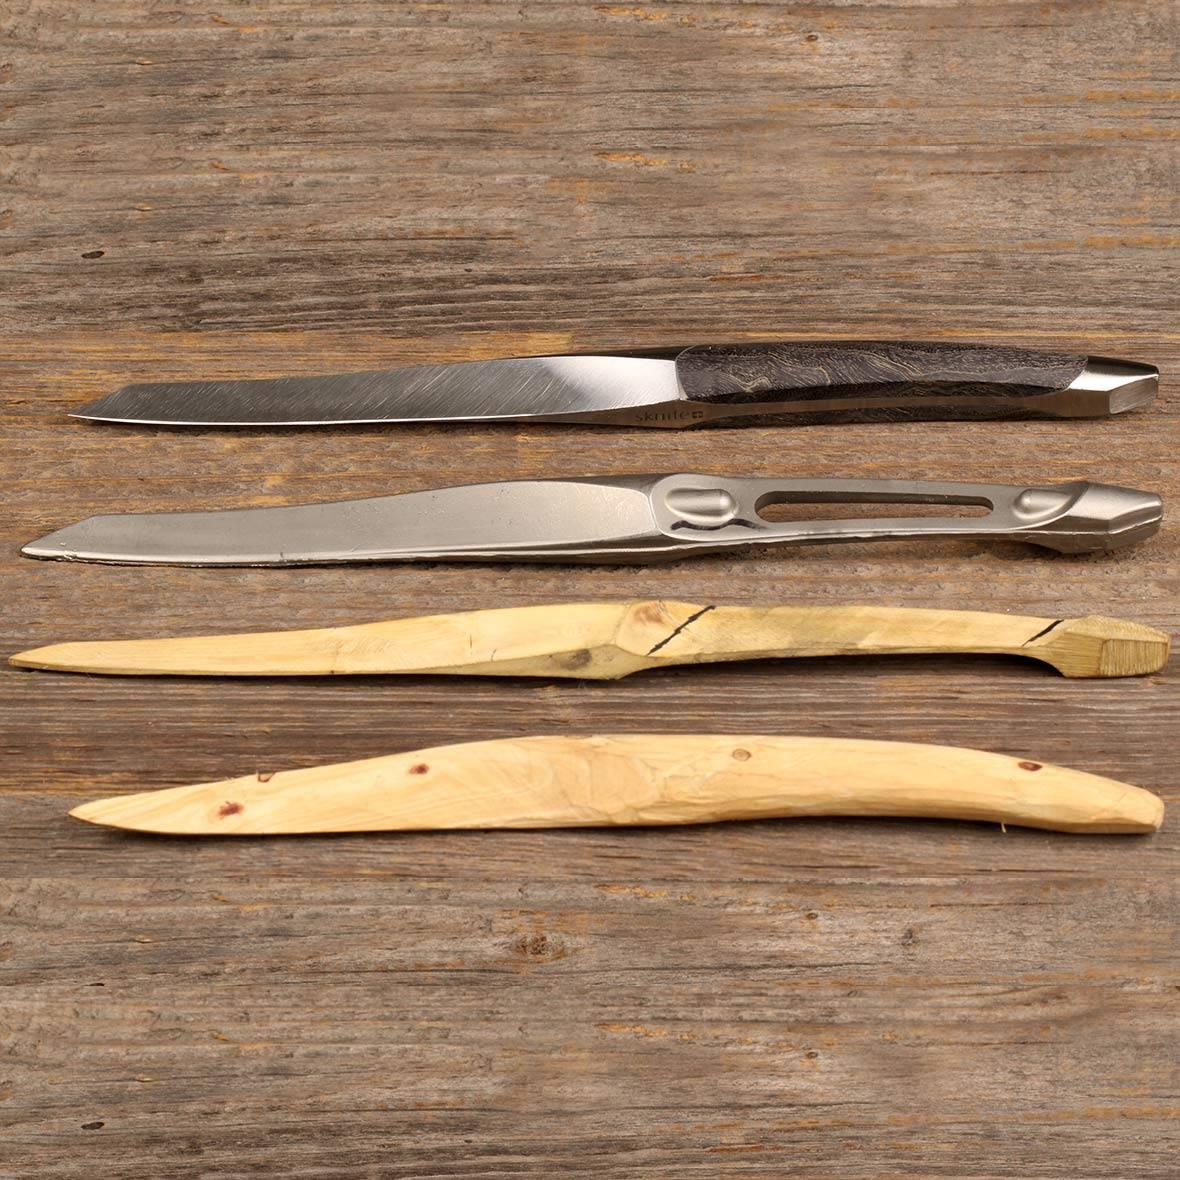 Sknife Steakmesser